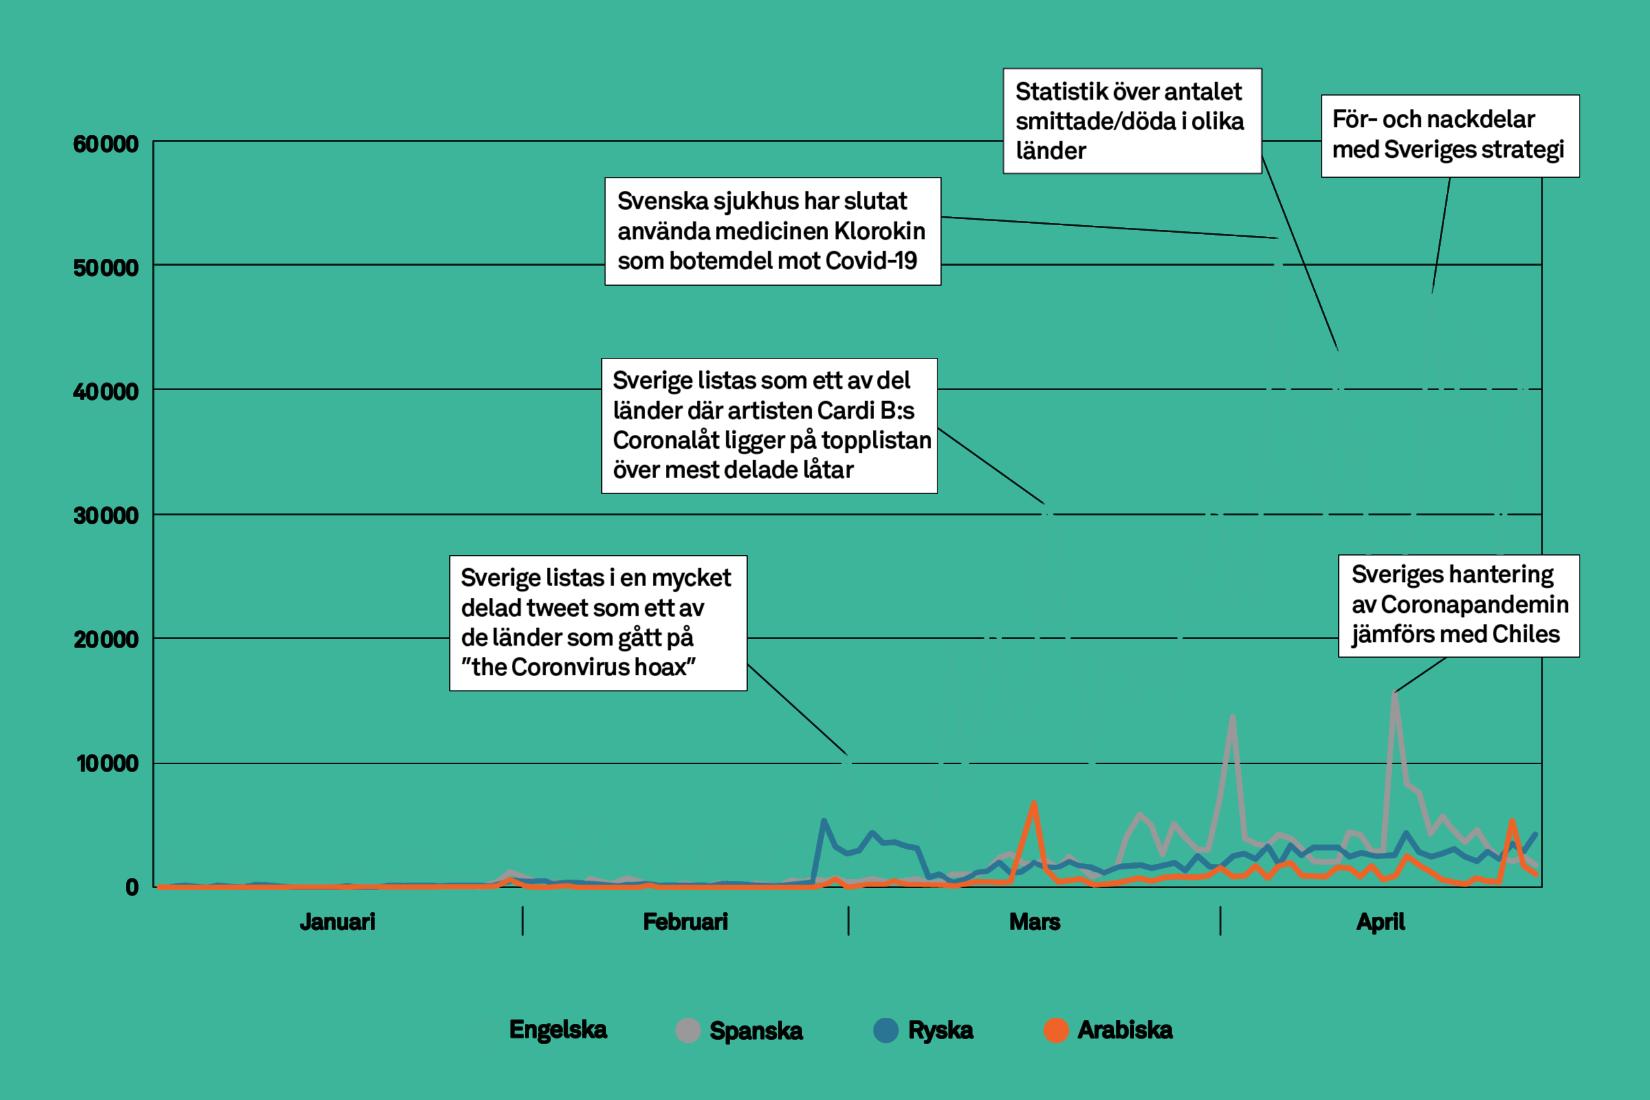 Publiceringar om Sverige i relation till coronaviruset på engelska, spanska, ryska och arabiska. Grafen visar antalet publiceringar per dag, och inkluderar inlägg på sociala medier, bloggar, forum och nyhetsartiklar.